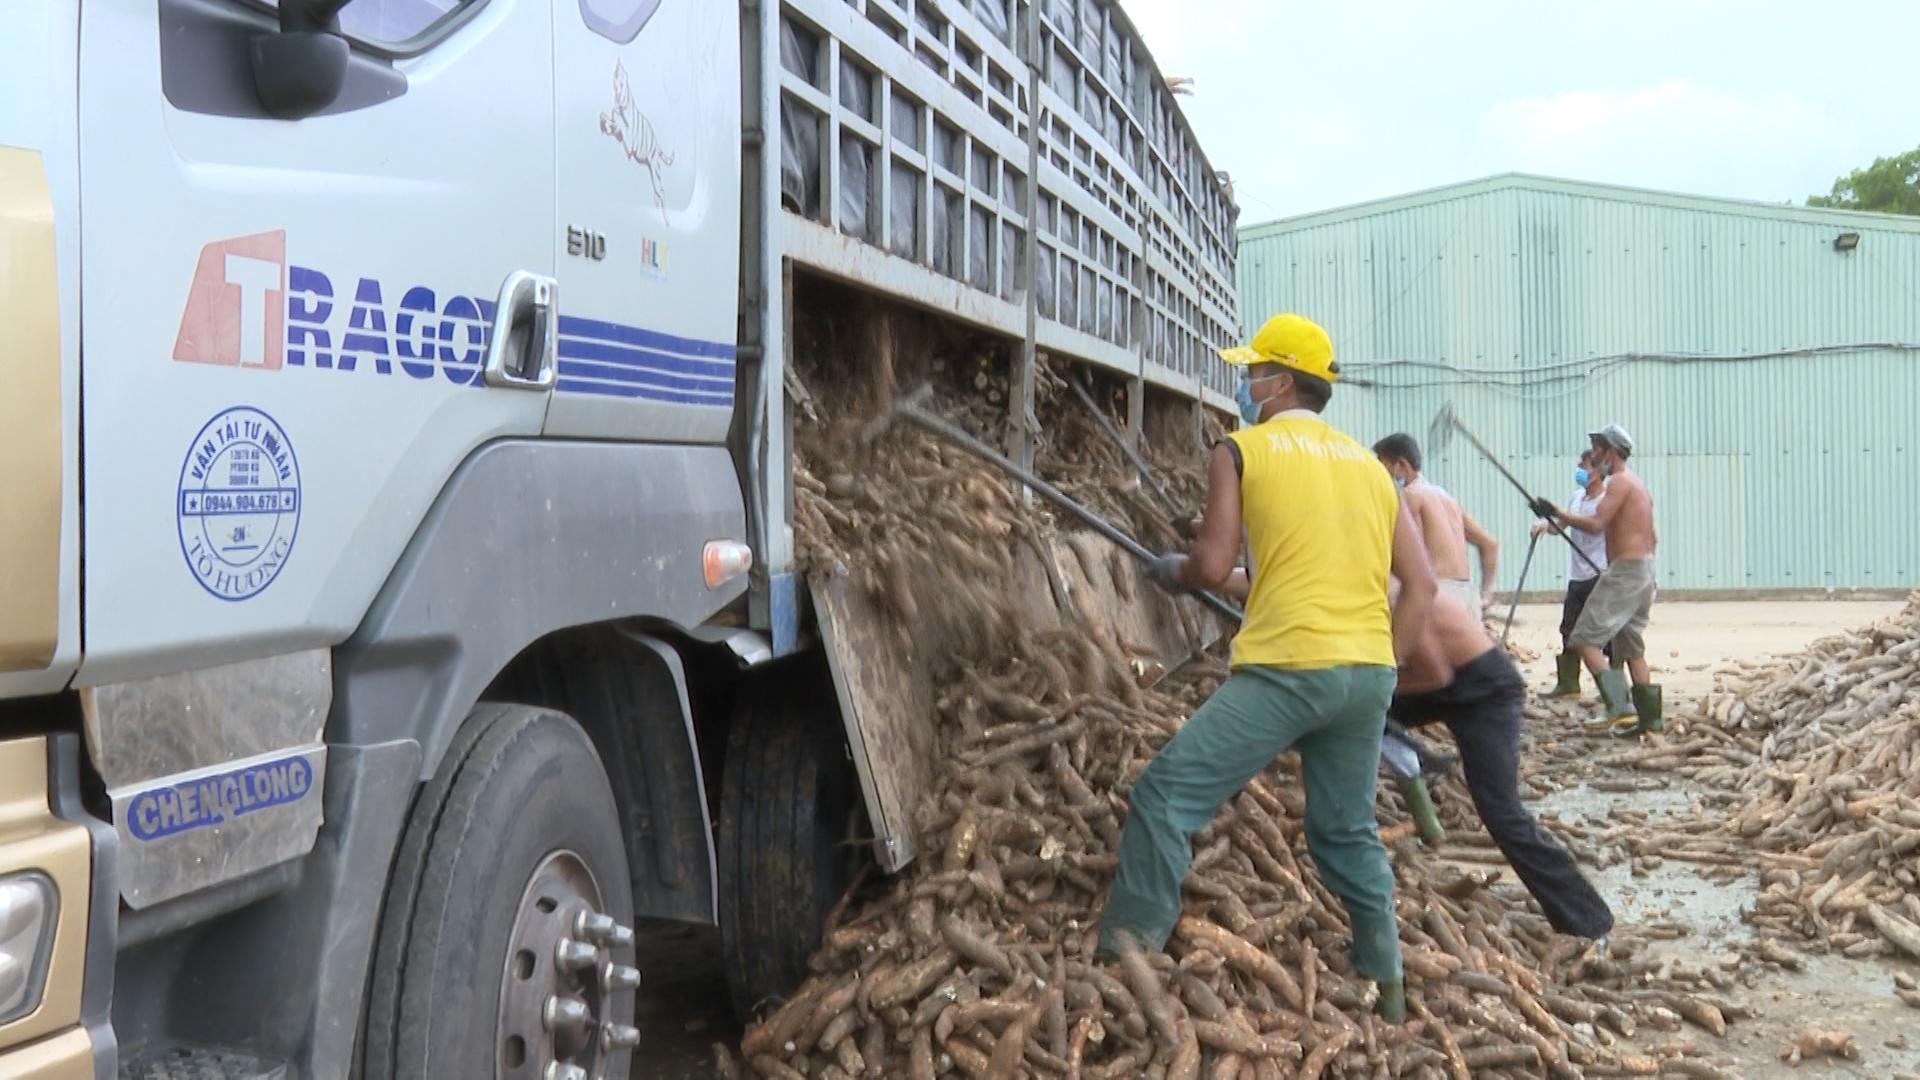 Mỗi ngày nhà máy Tinh bột Long Giang  thu mua từ 300 – 350 tấn củ sắn cho bà con nông dân. (Ảnh: Phan Tiến)